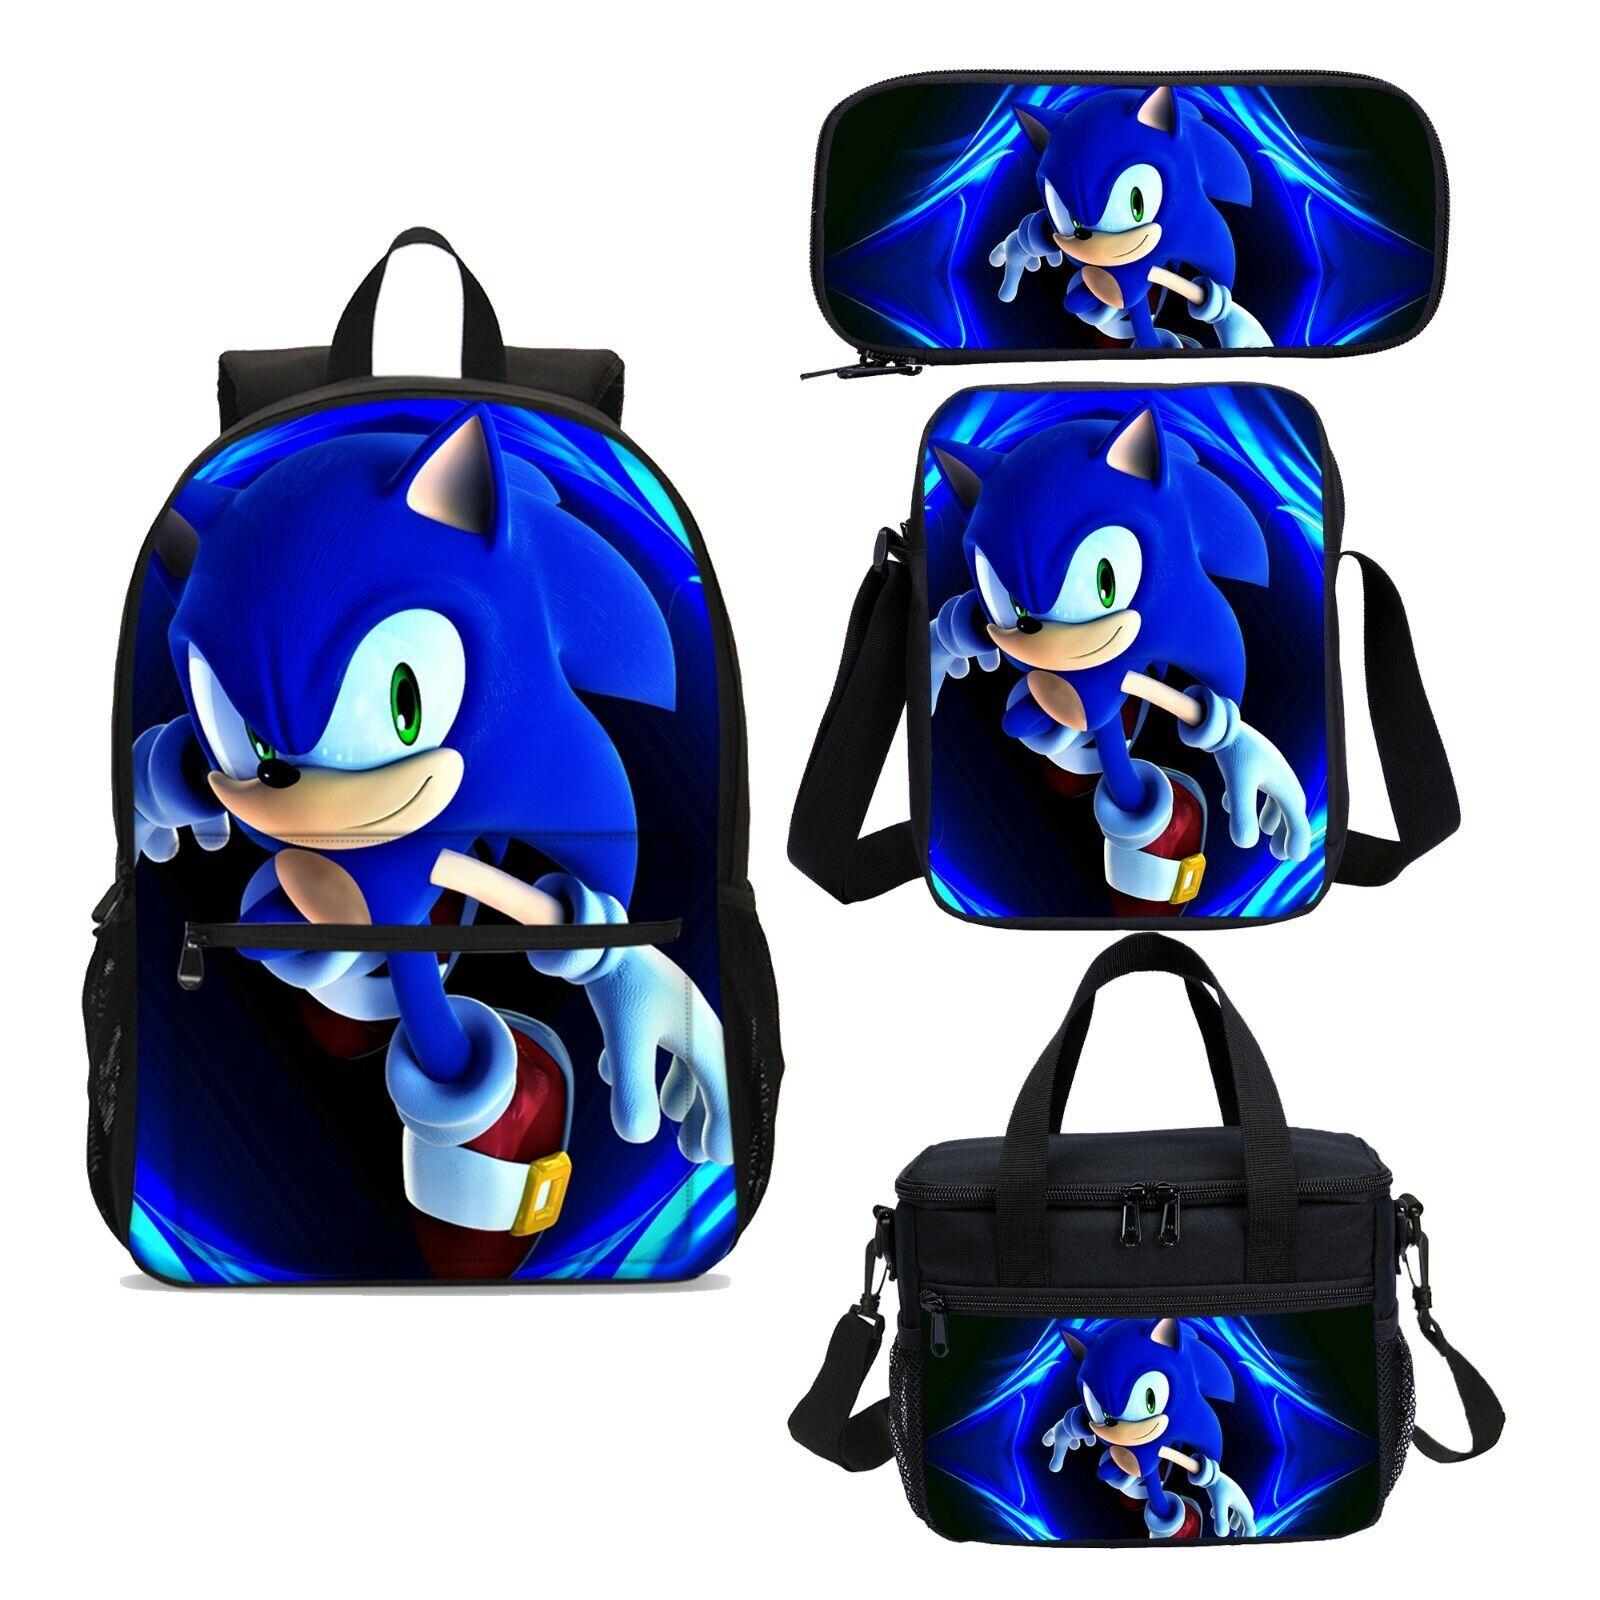 Sonic the Hedgehog Boys Backpack School Bag Crossbody Shoulder Bag Pen Case Lot